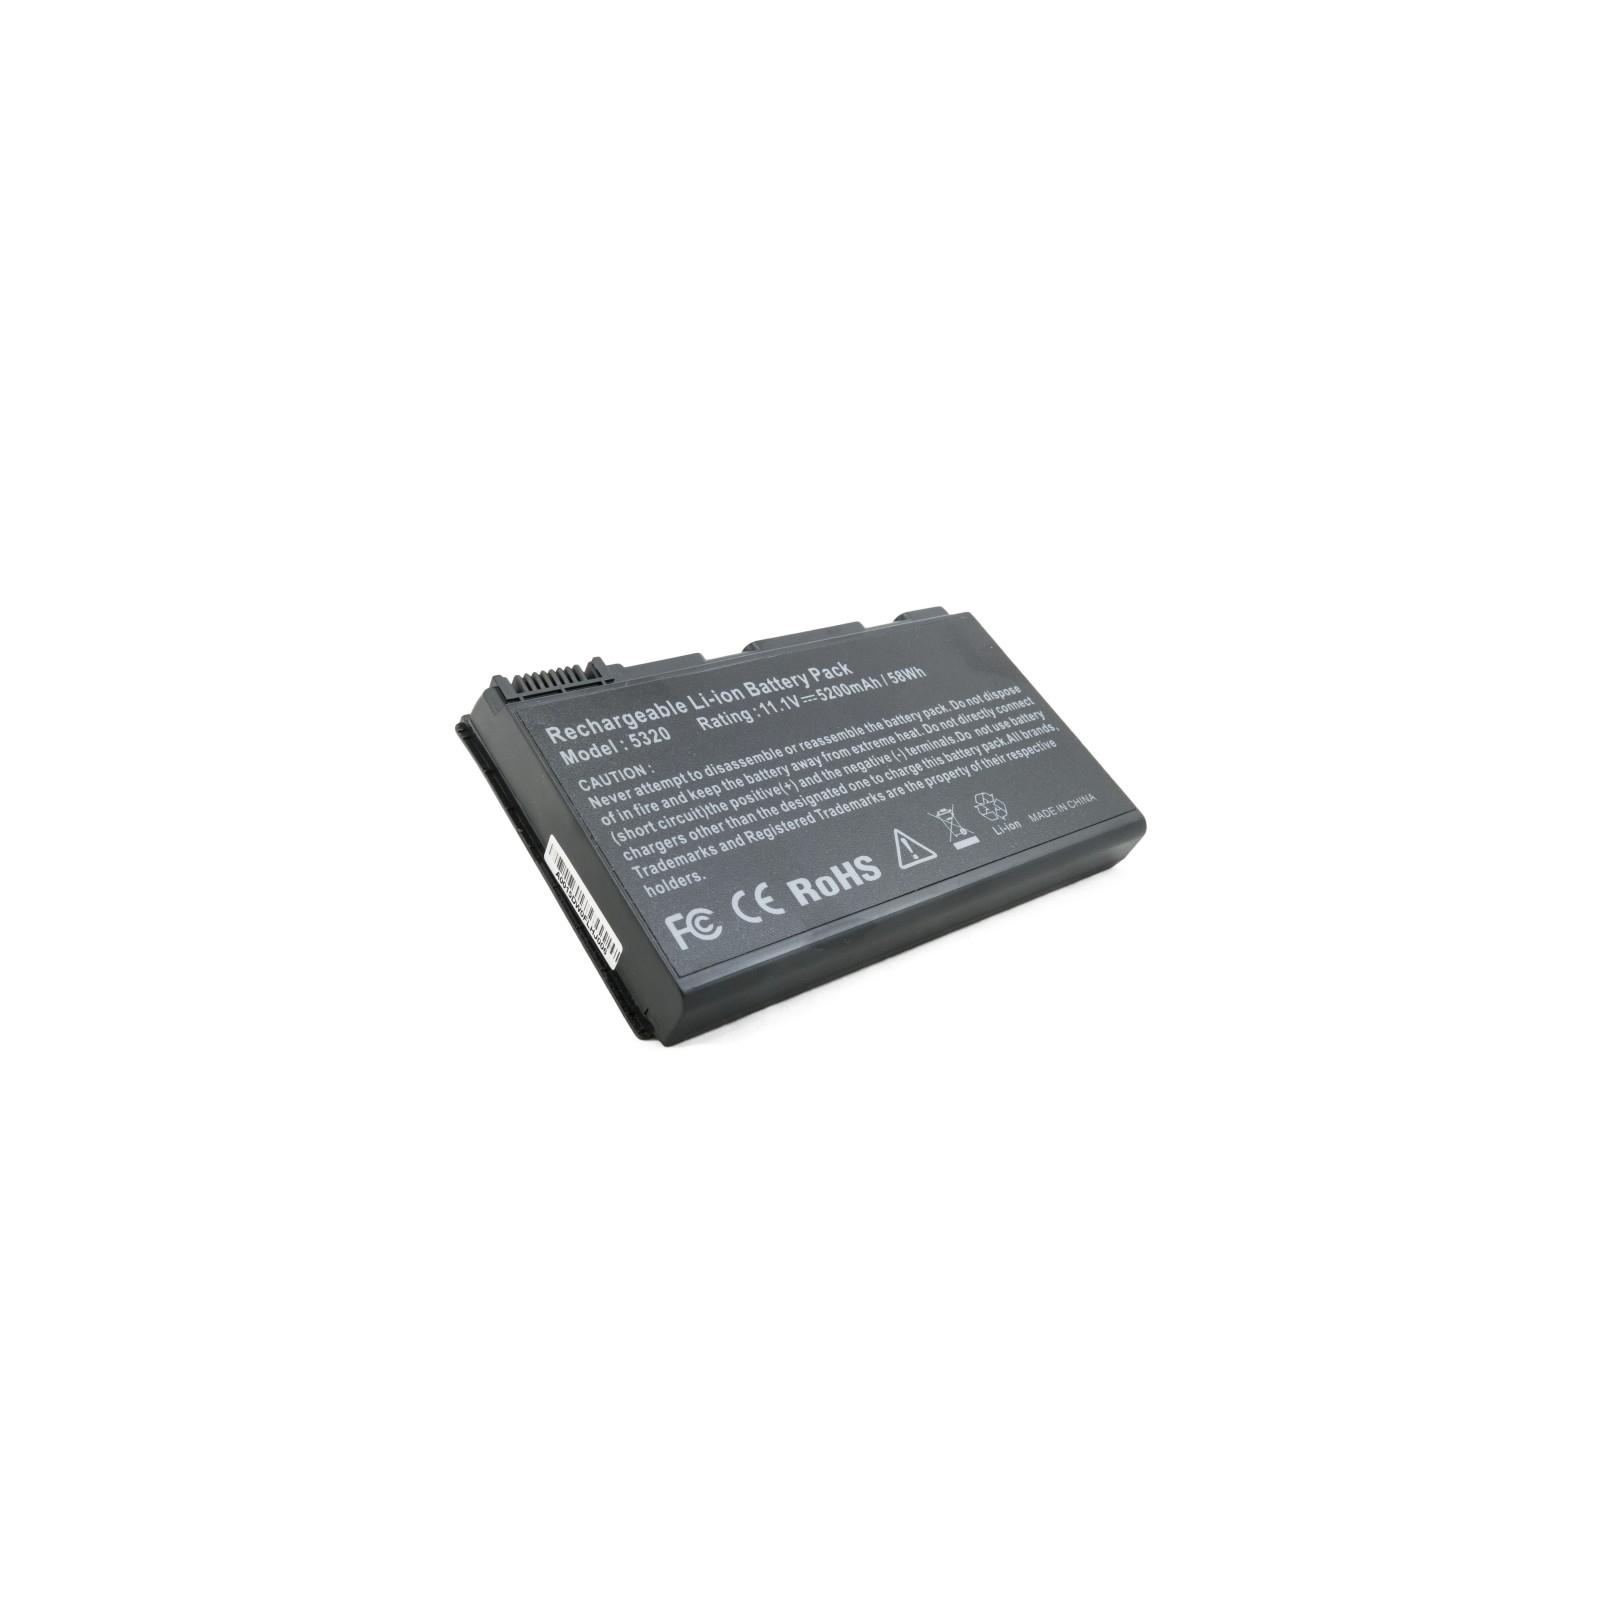 Аккумулятор для ноутбука Acer TravelMate 5320, 5200 mAh EXTRADIGITAL (BNA3909) изображение 5